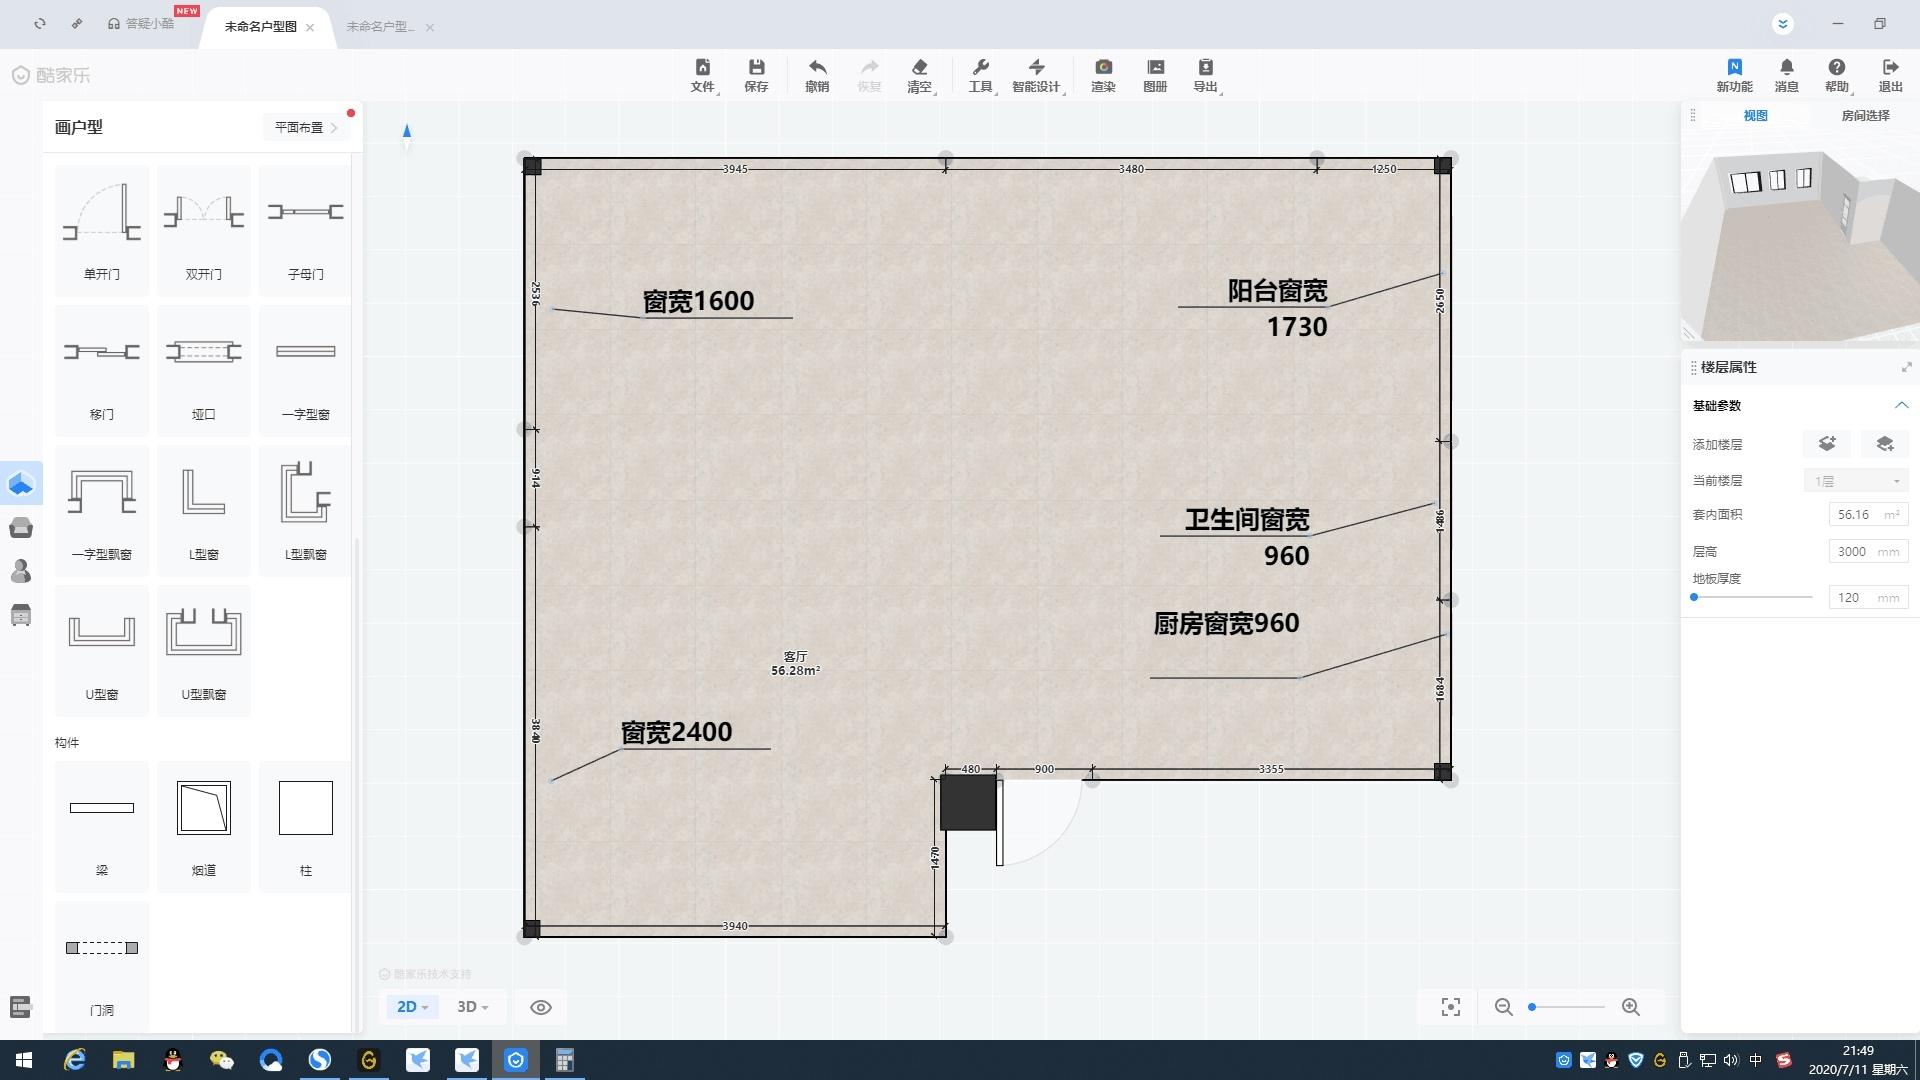 大神看看这个房子怎么设计成三房,窗子无法改动,墙体自己建设的